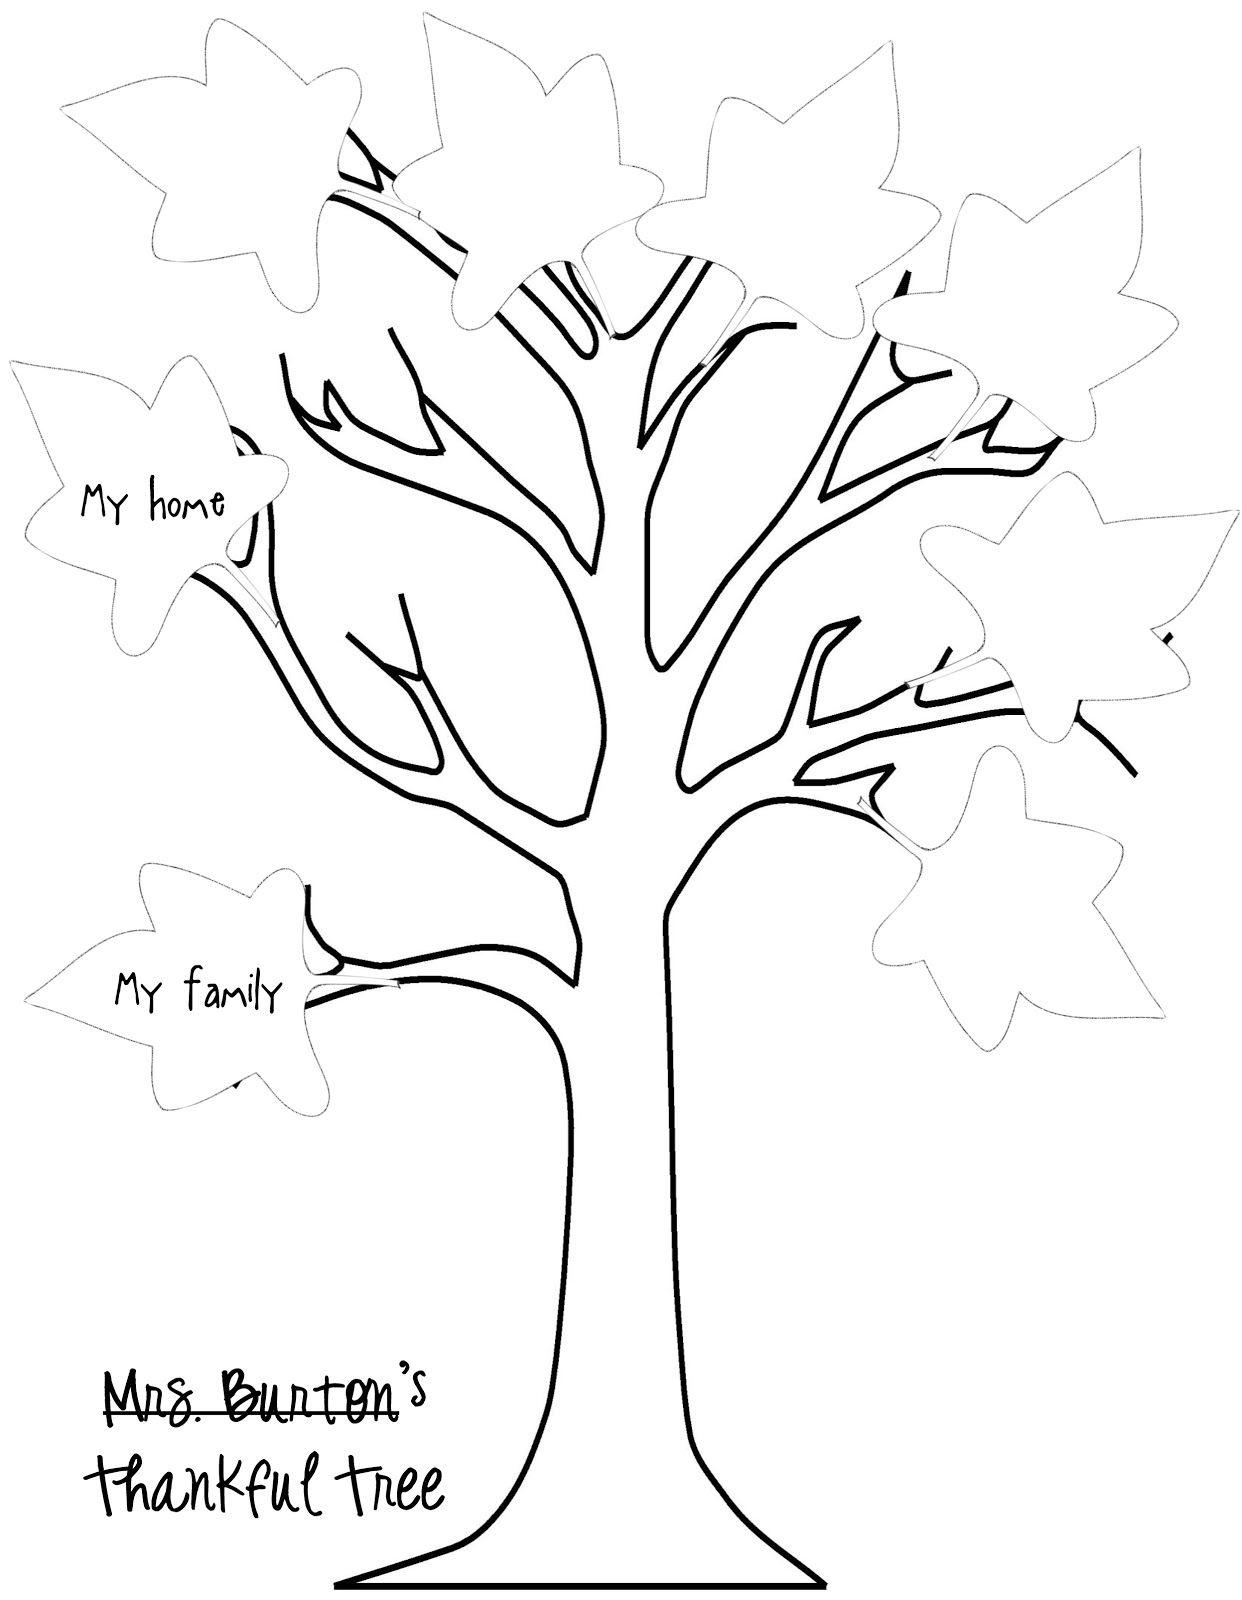 Easy Ways to Celebrate Thanksgiving Thankful tree